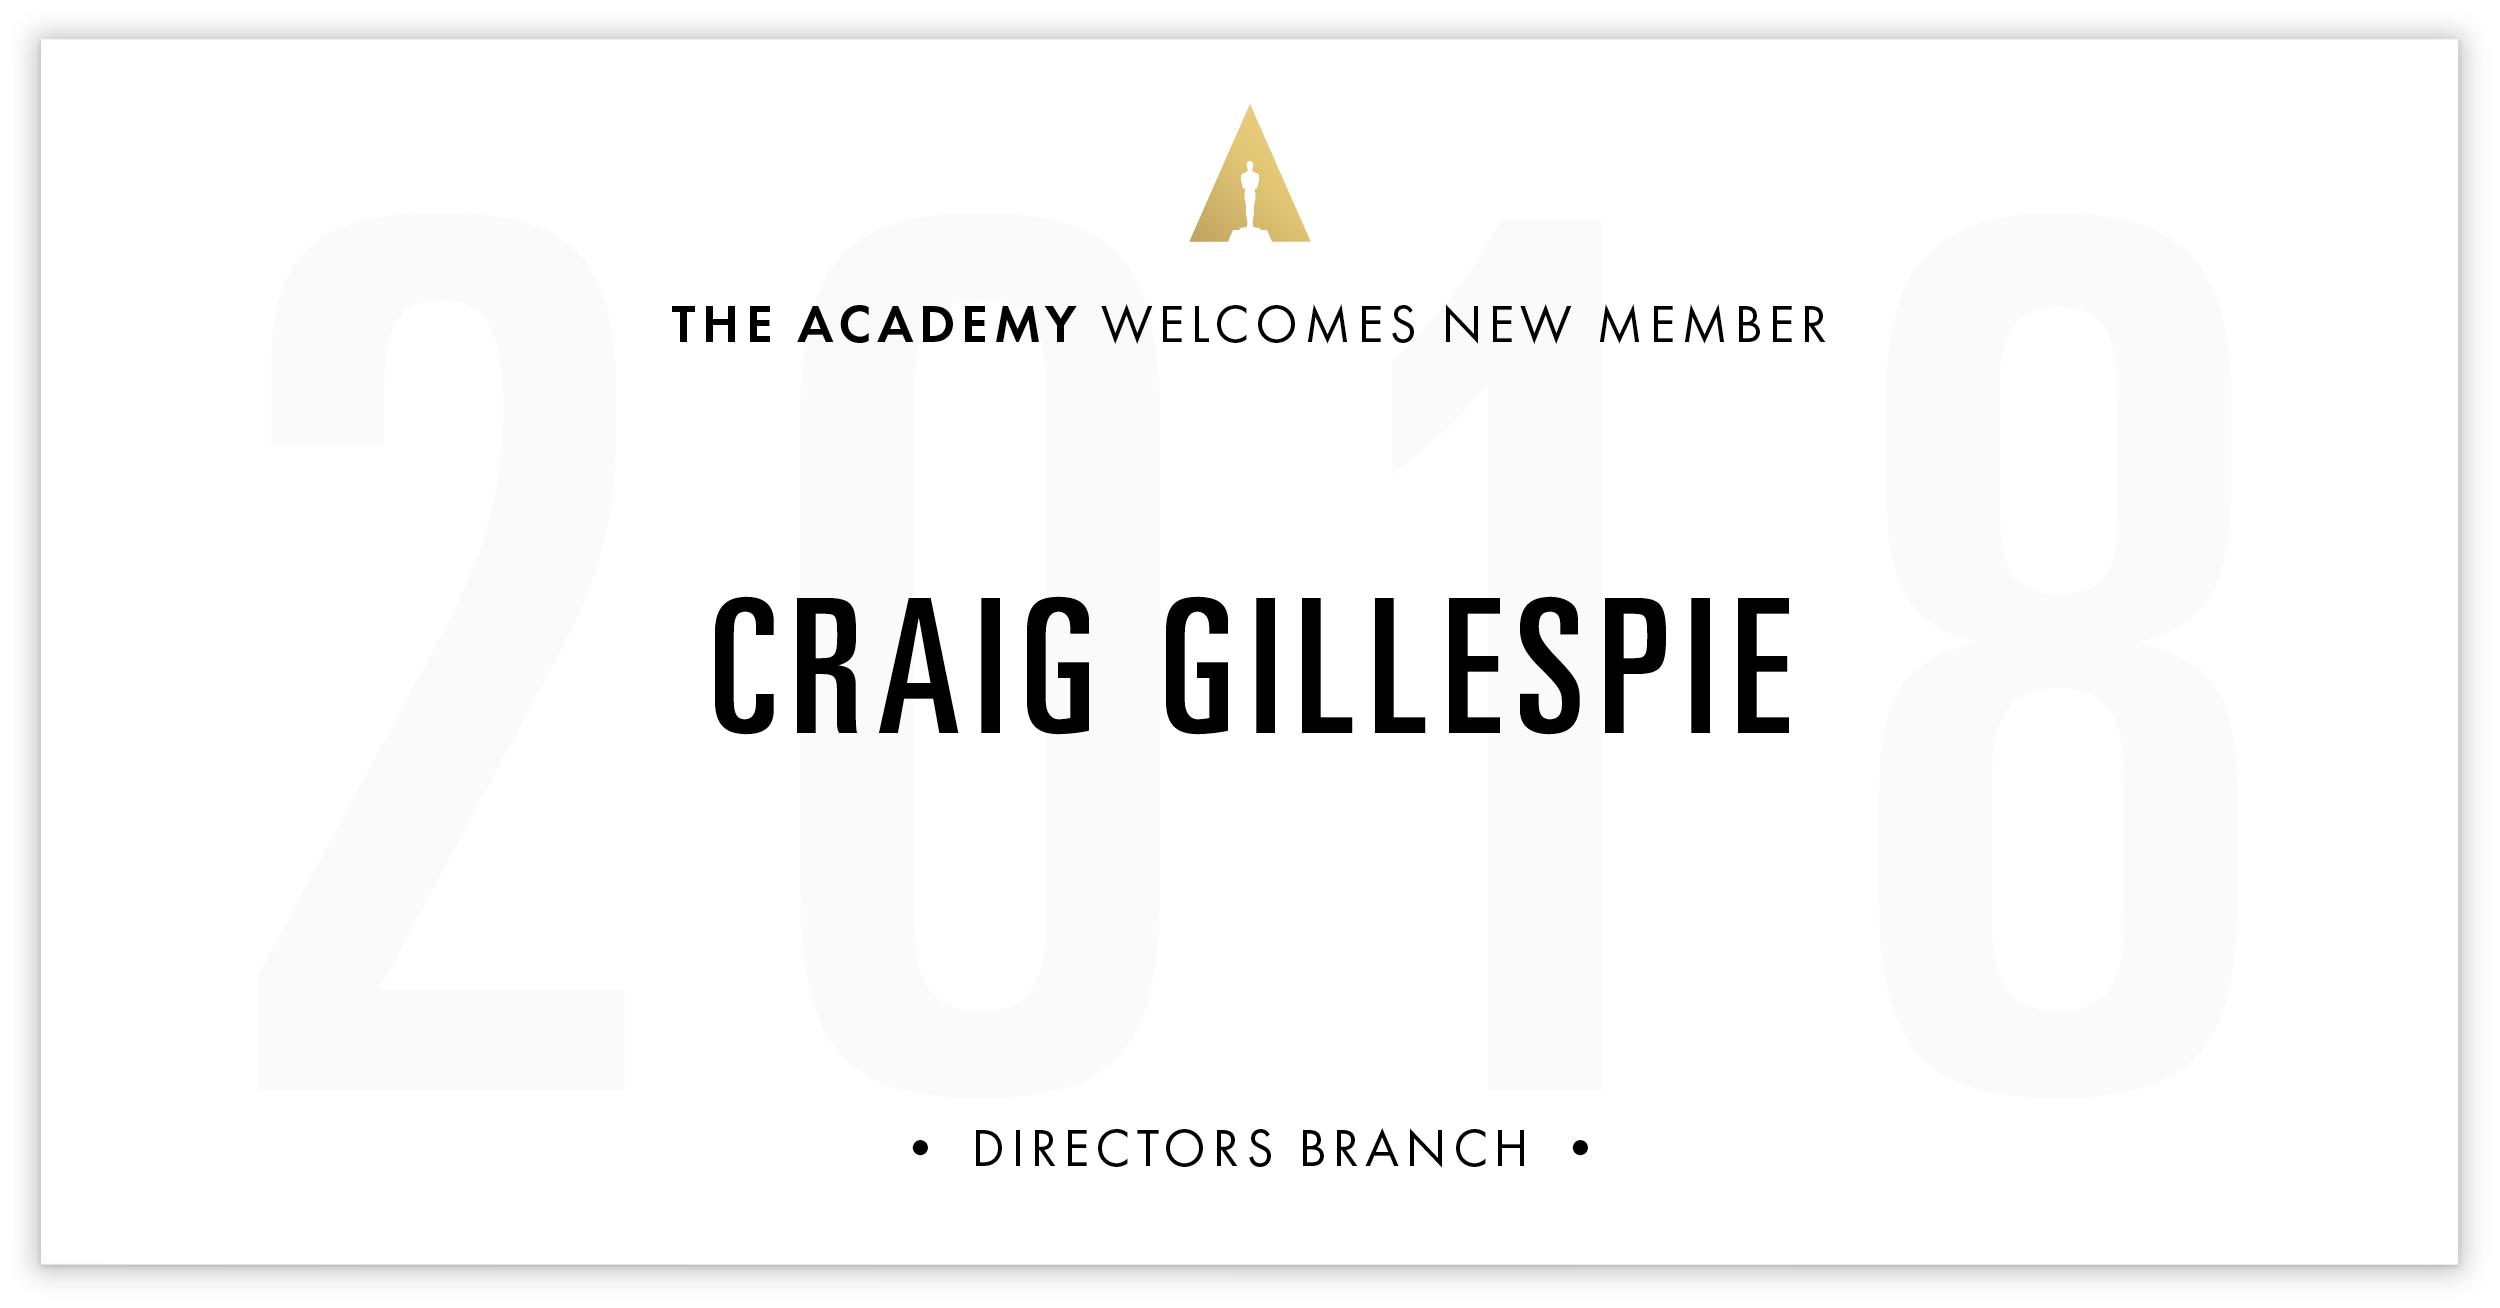 Craig Gillespie is invited!